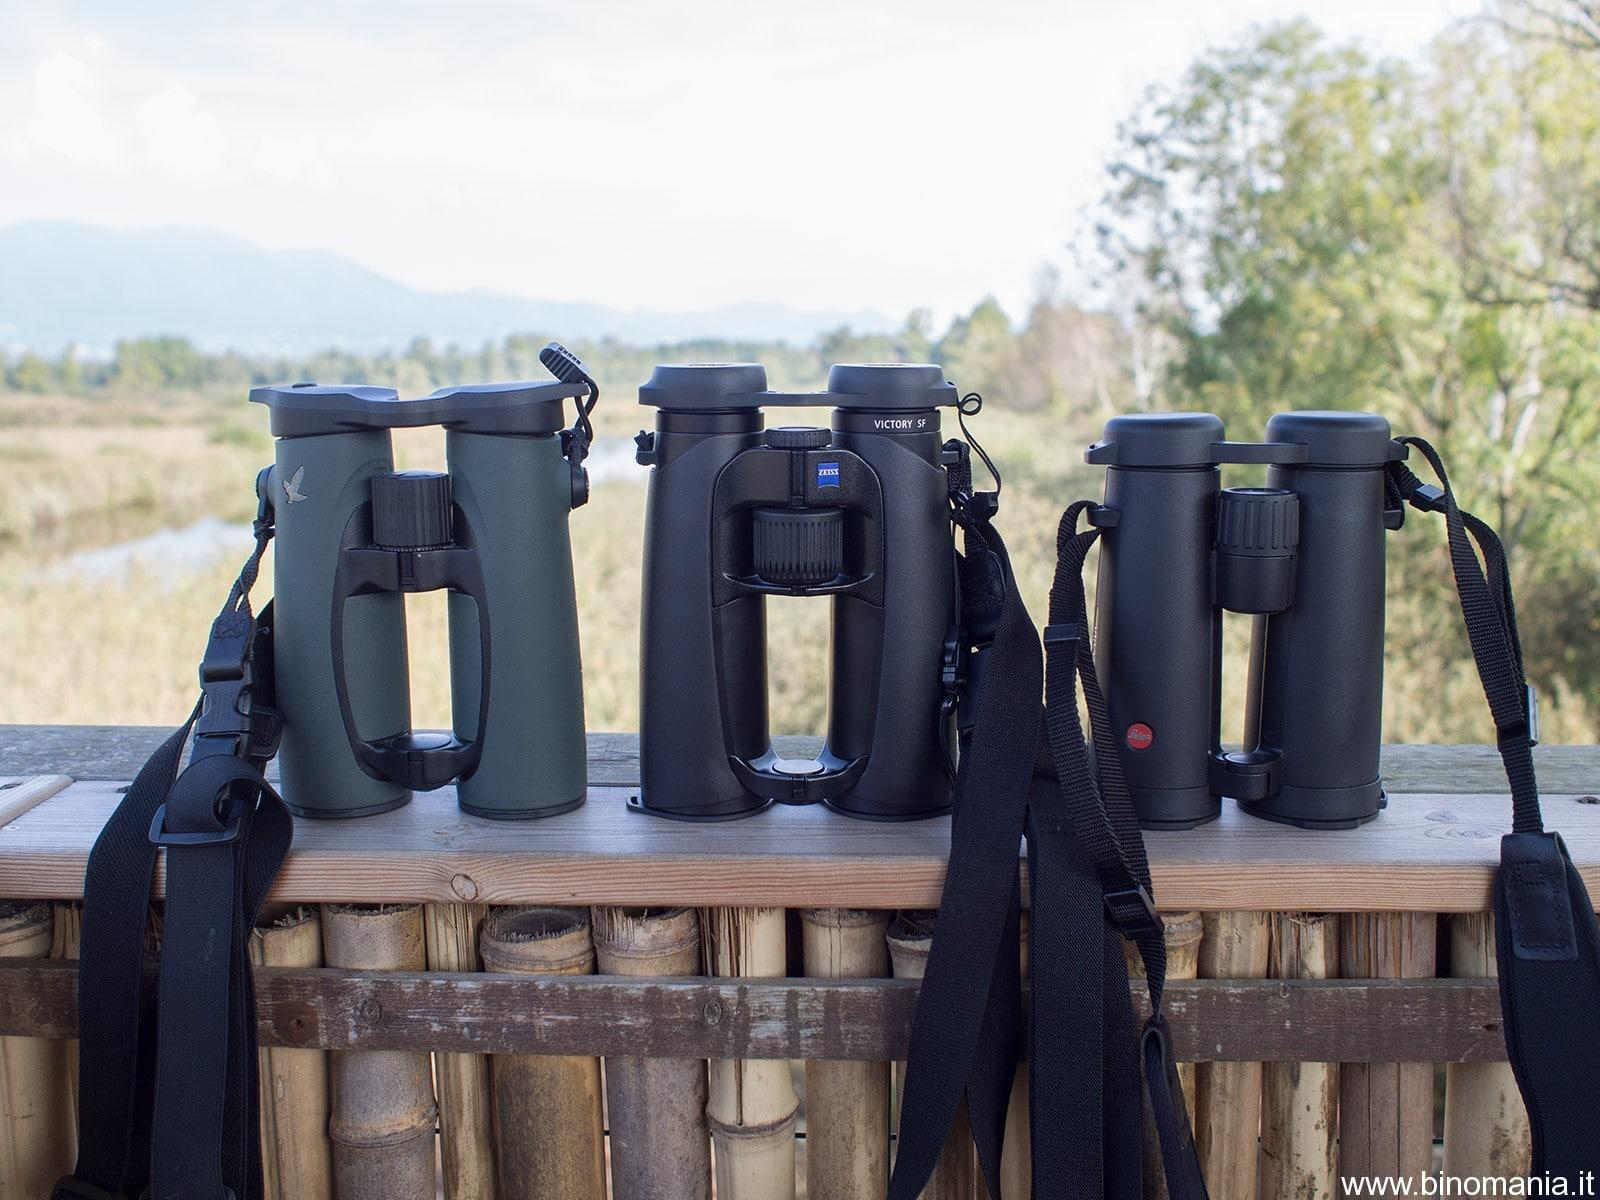 Recensione del binocolo Leica Noctivid 8×42 e breve comparativa con Swarovski EL 8.5×42 e Zeiss Victory SF 8×42